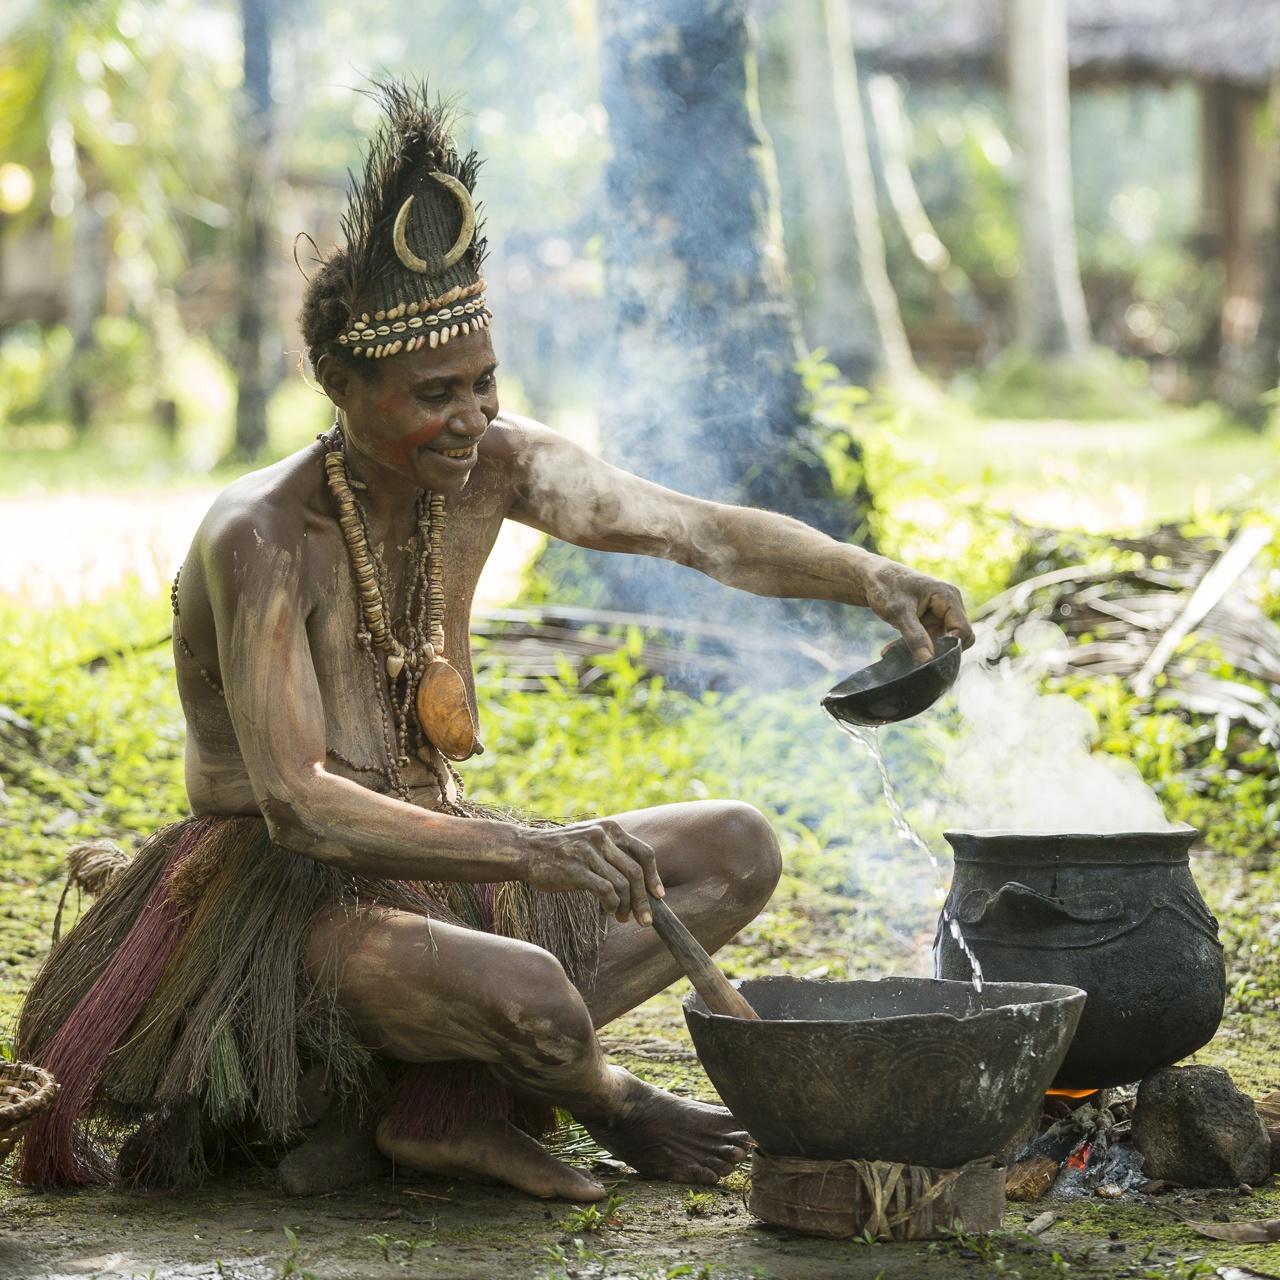 Woman of Karawari